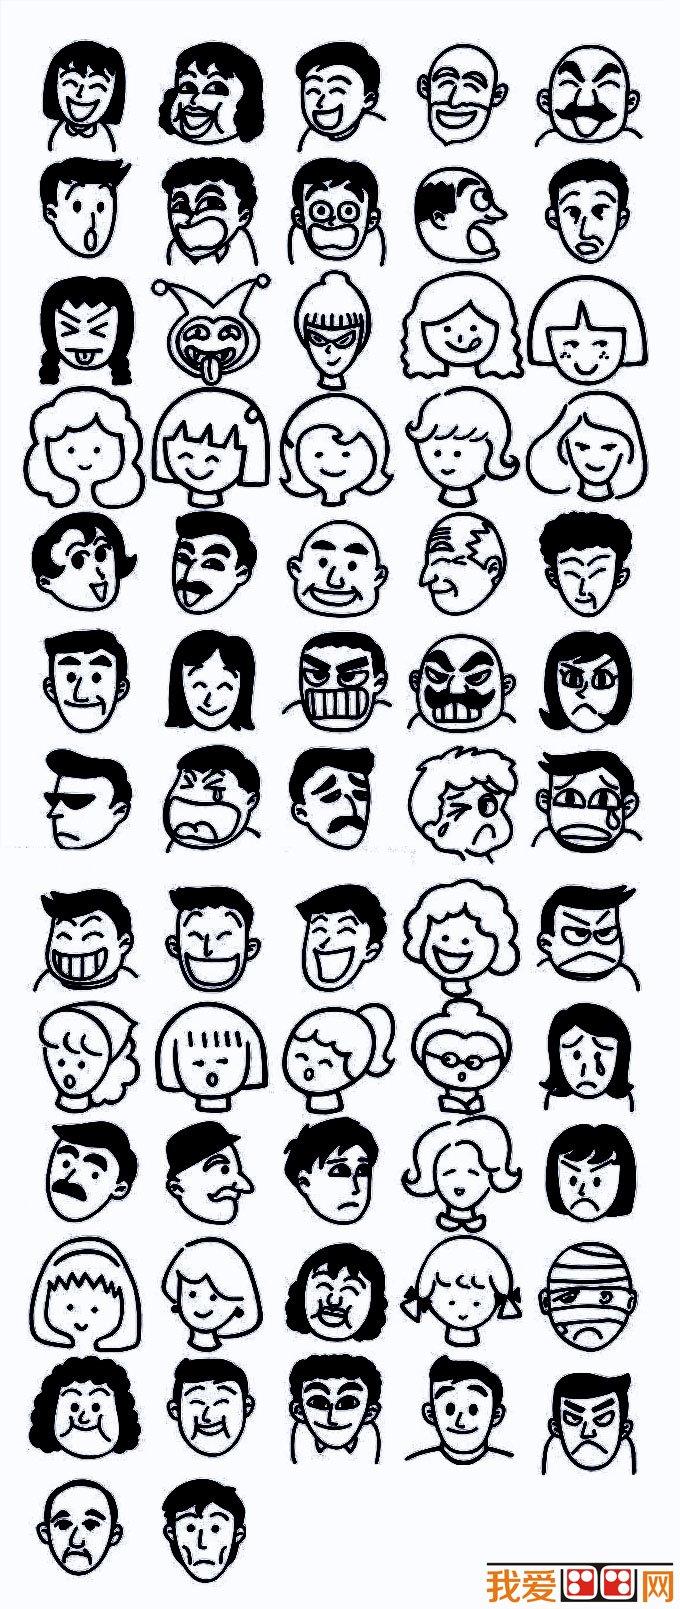 简笔画人物表情大全:各种各样的人物表情简笔画